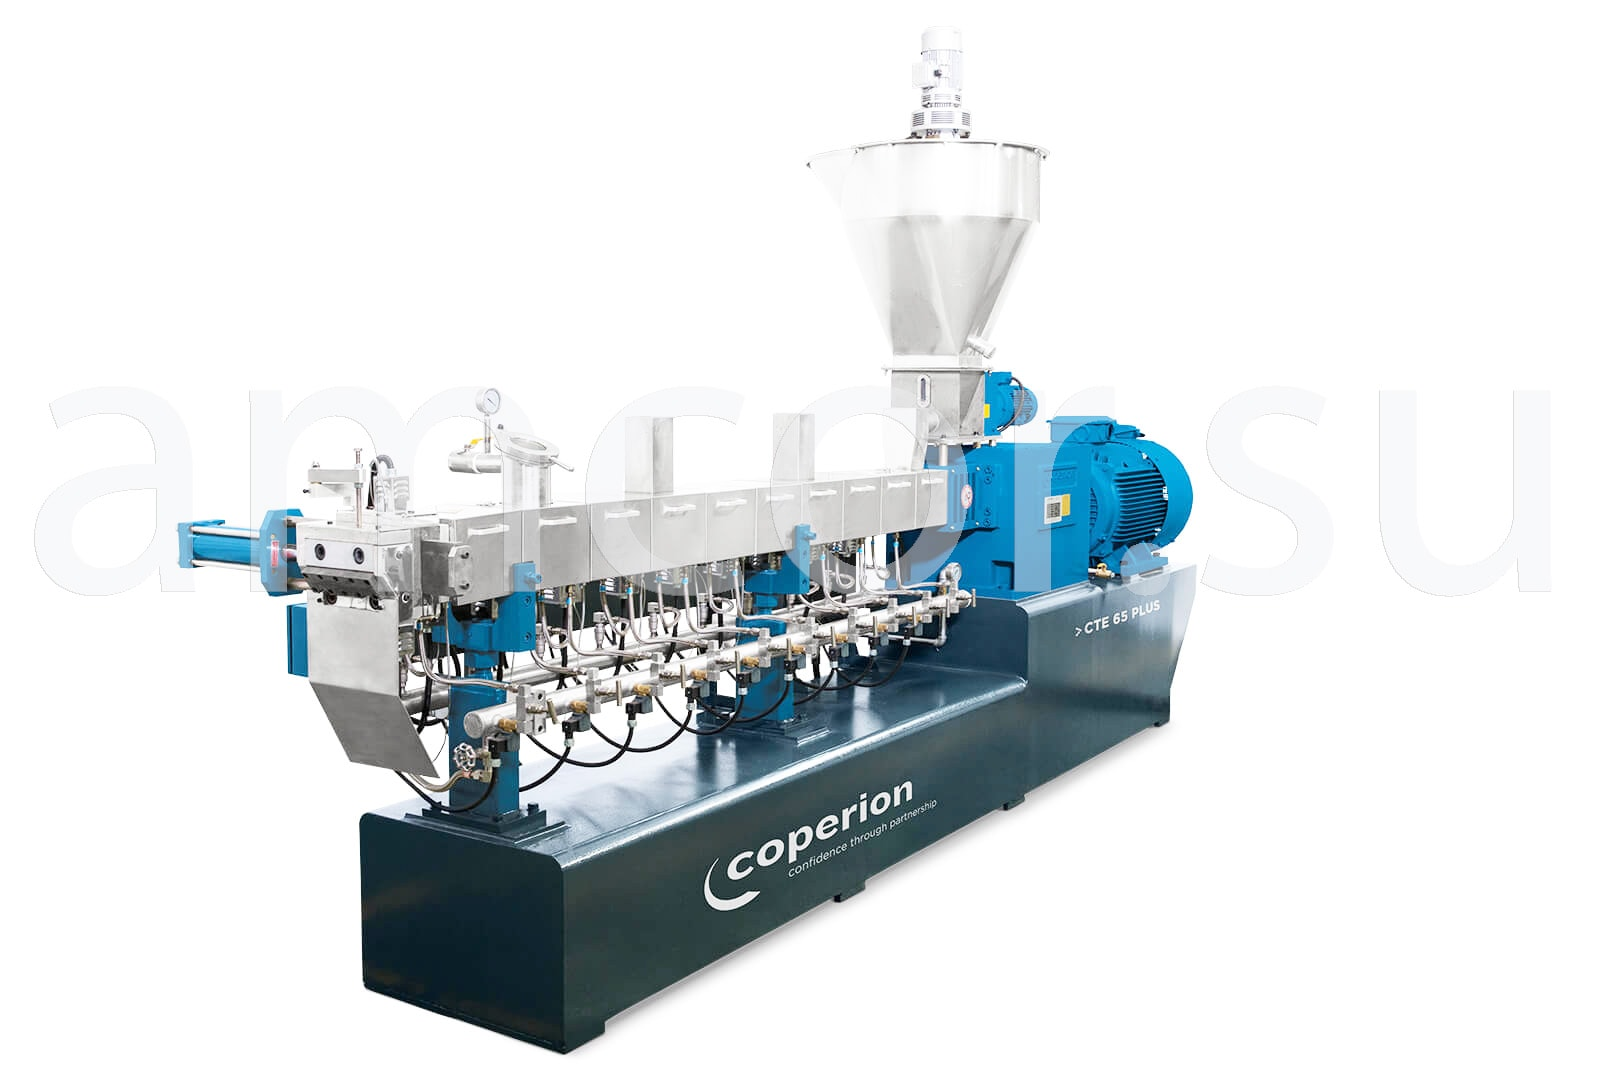 Заказать сервис и поставку экструдеров CTE PLUS Coperion в России и СНГ от официального производителя.